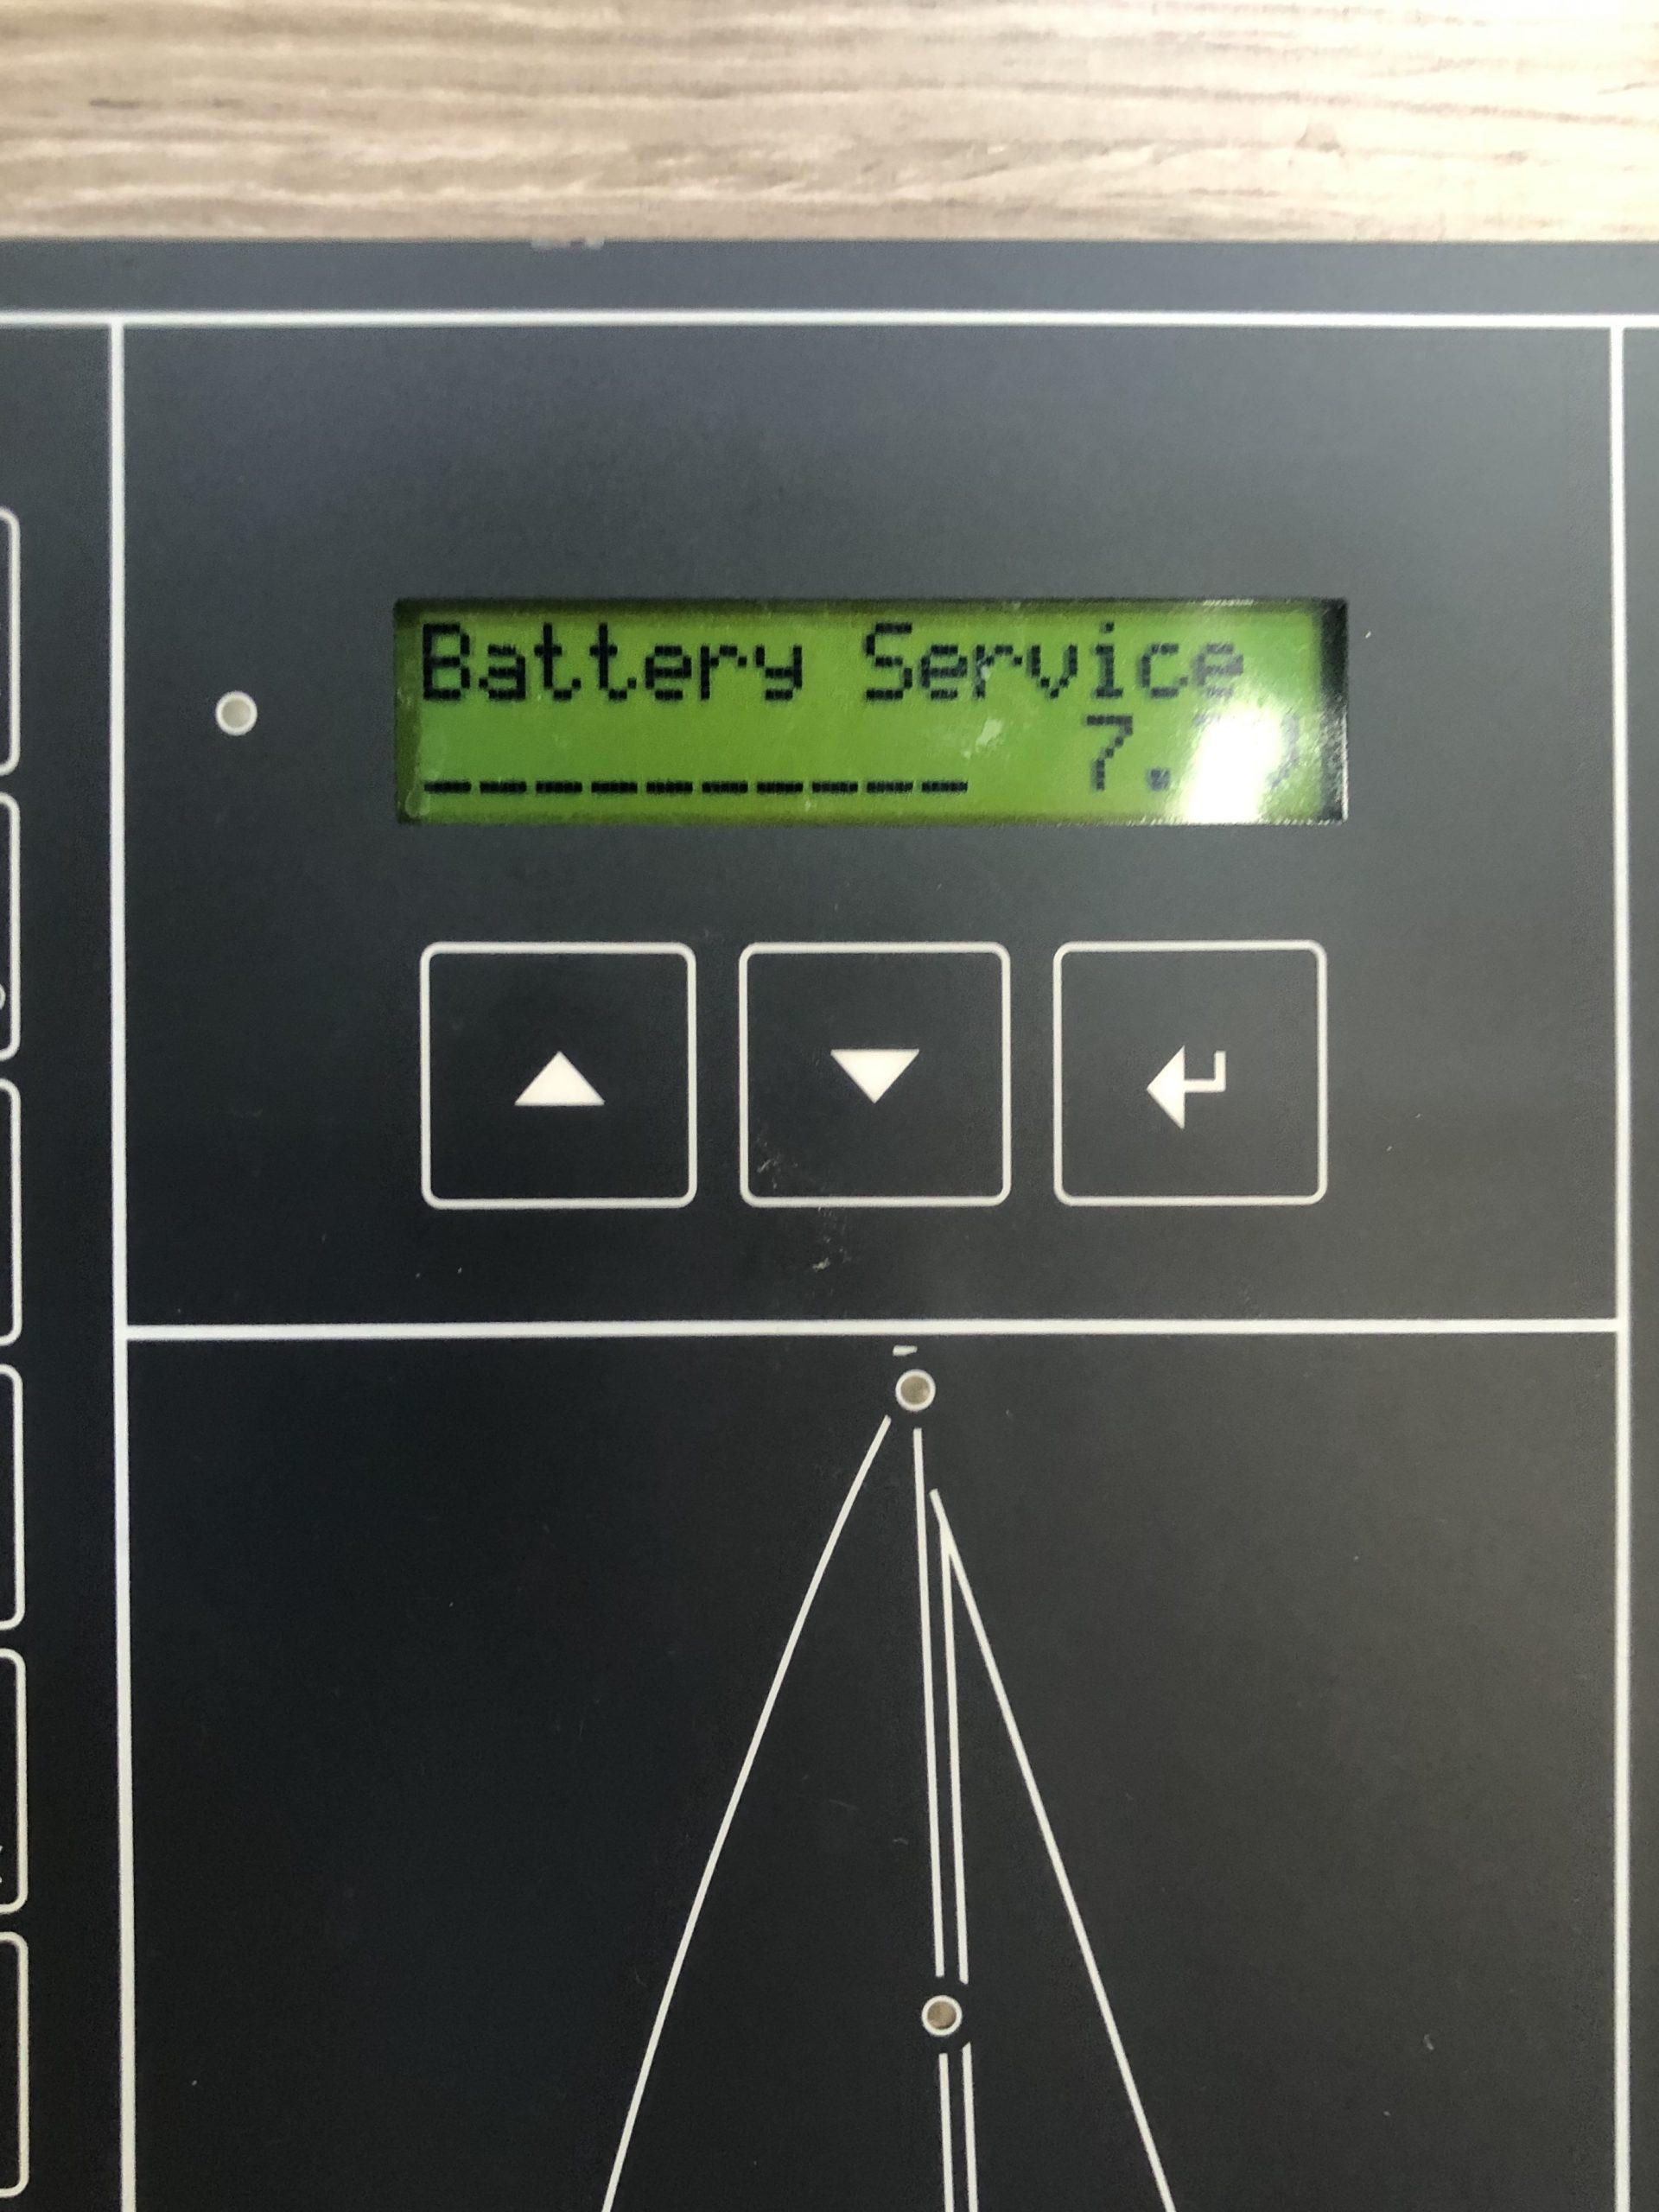 Battery service 7.3V